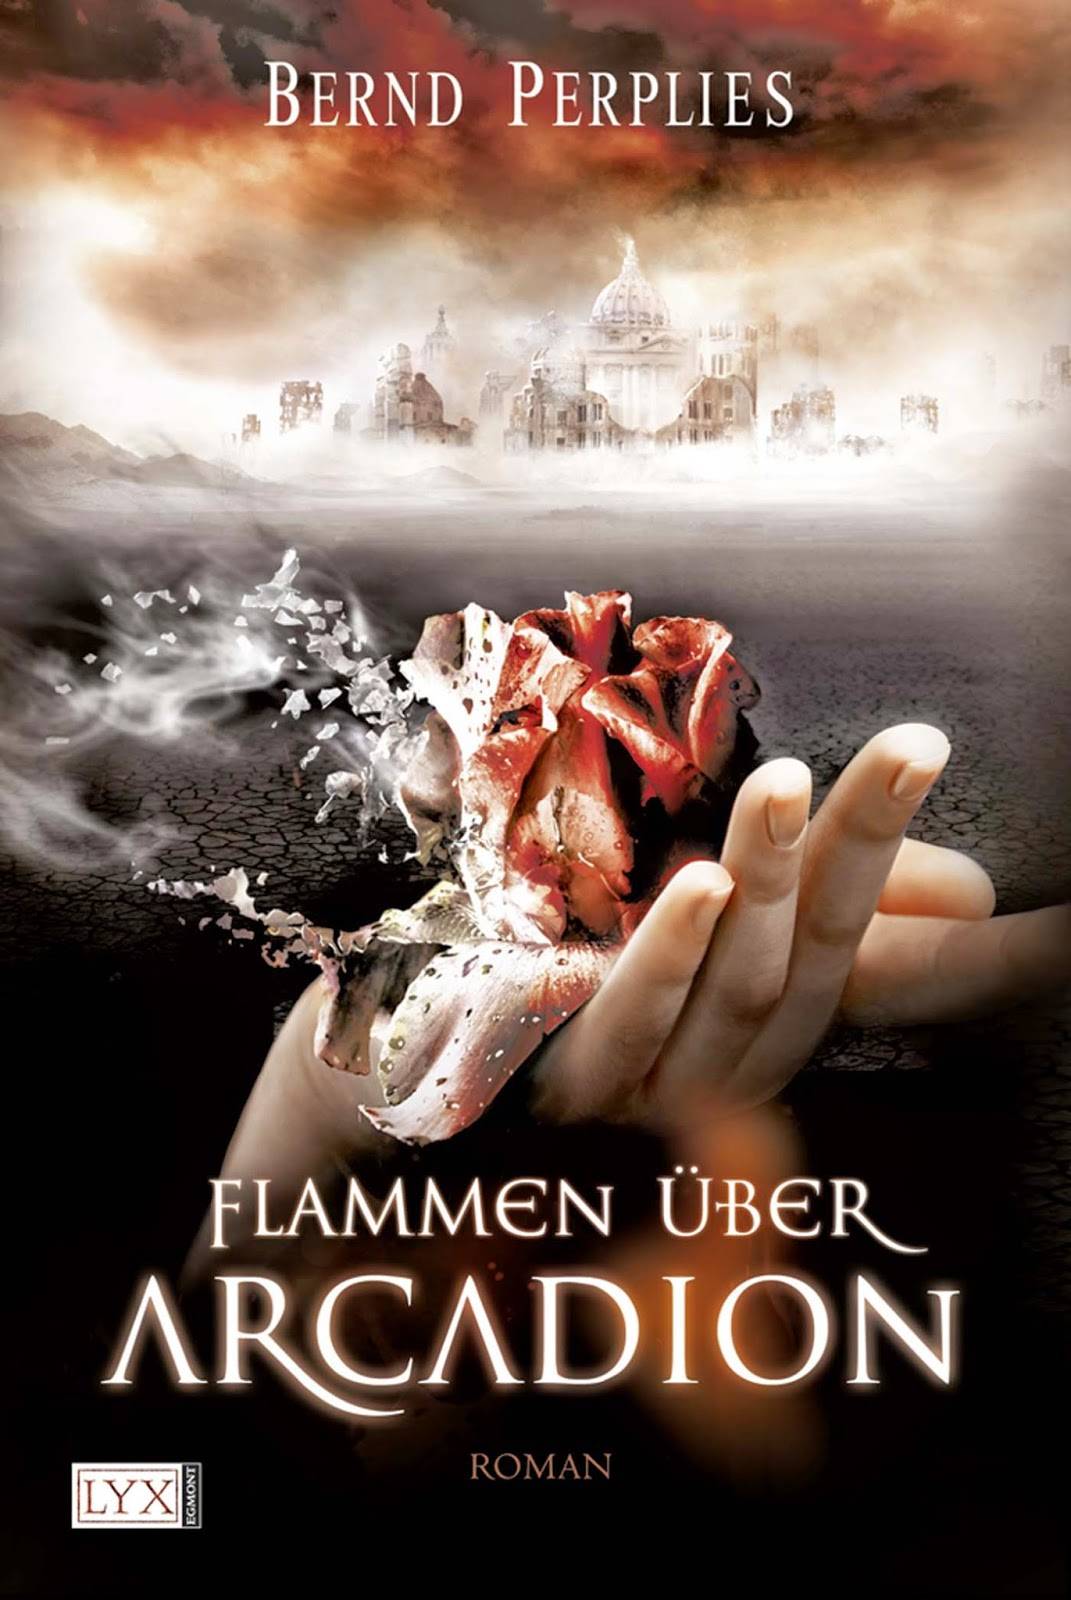 http://www.egmont-lyx.de/buch/flammen-ueber-arcadion/